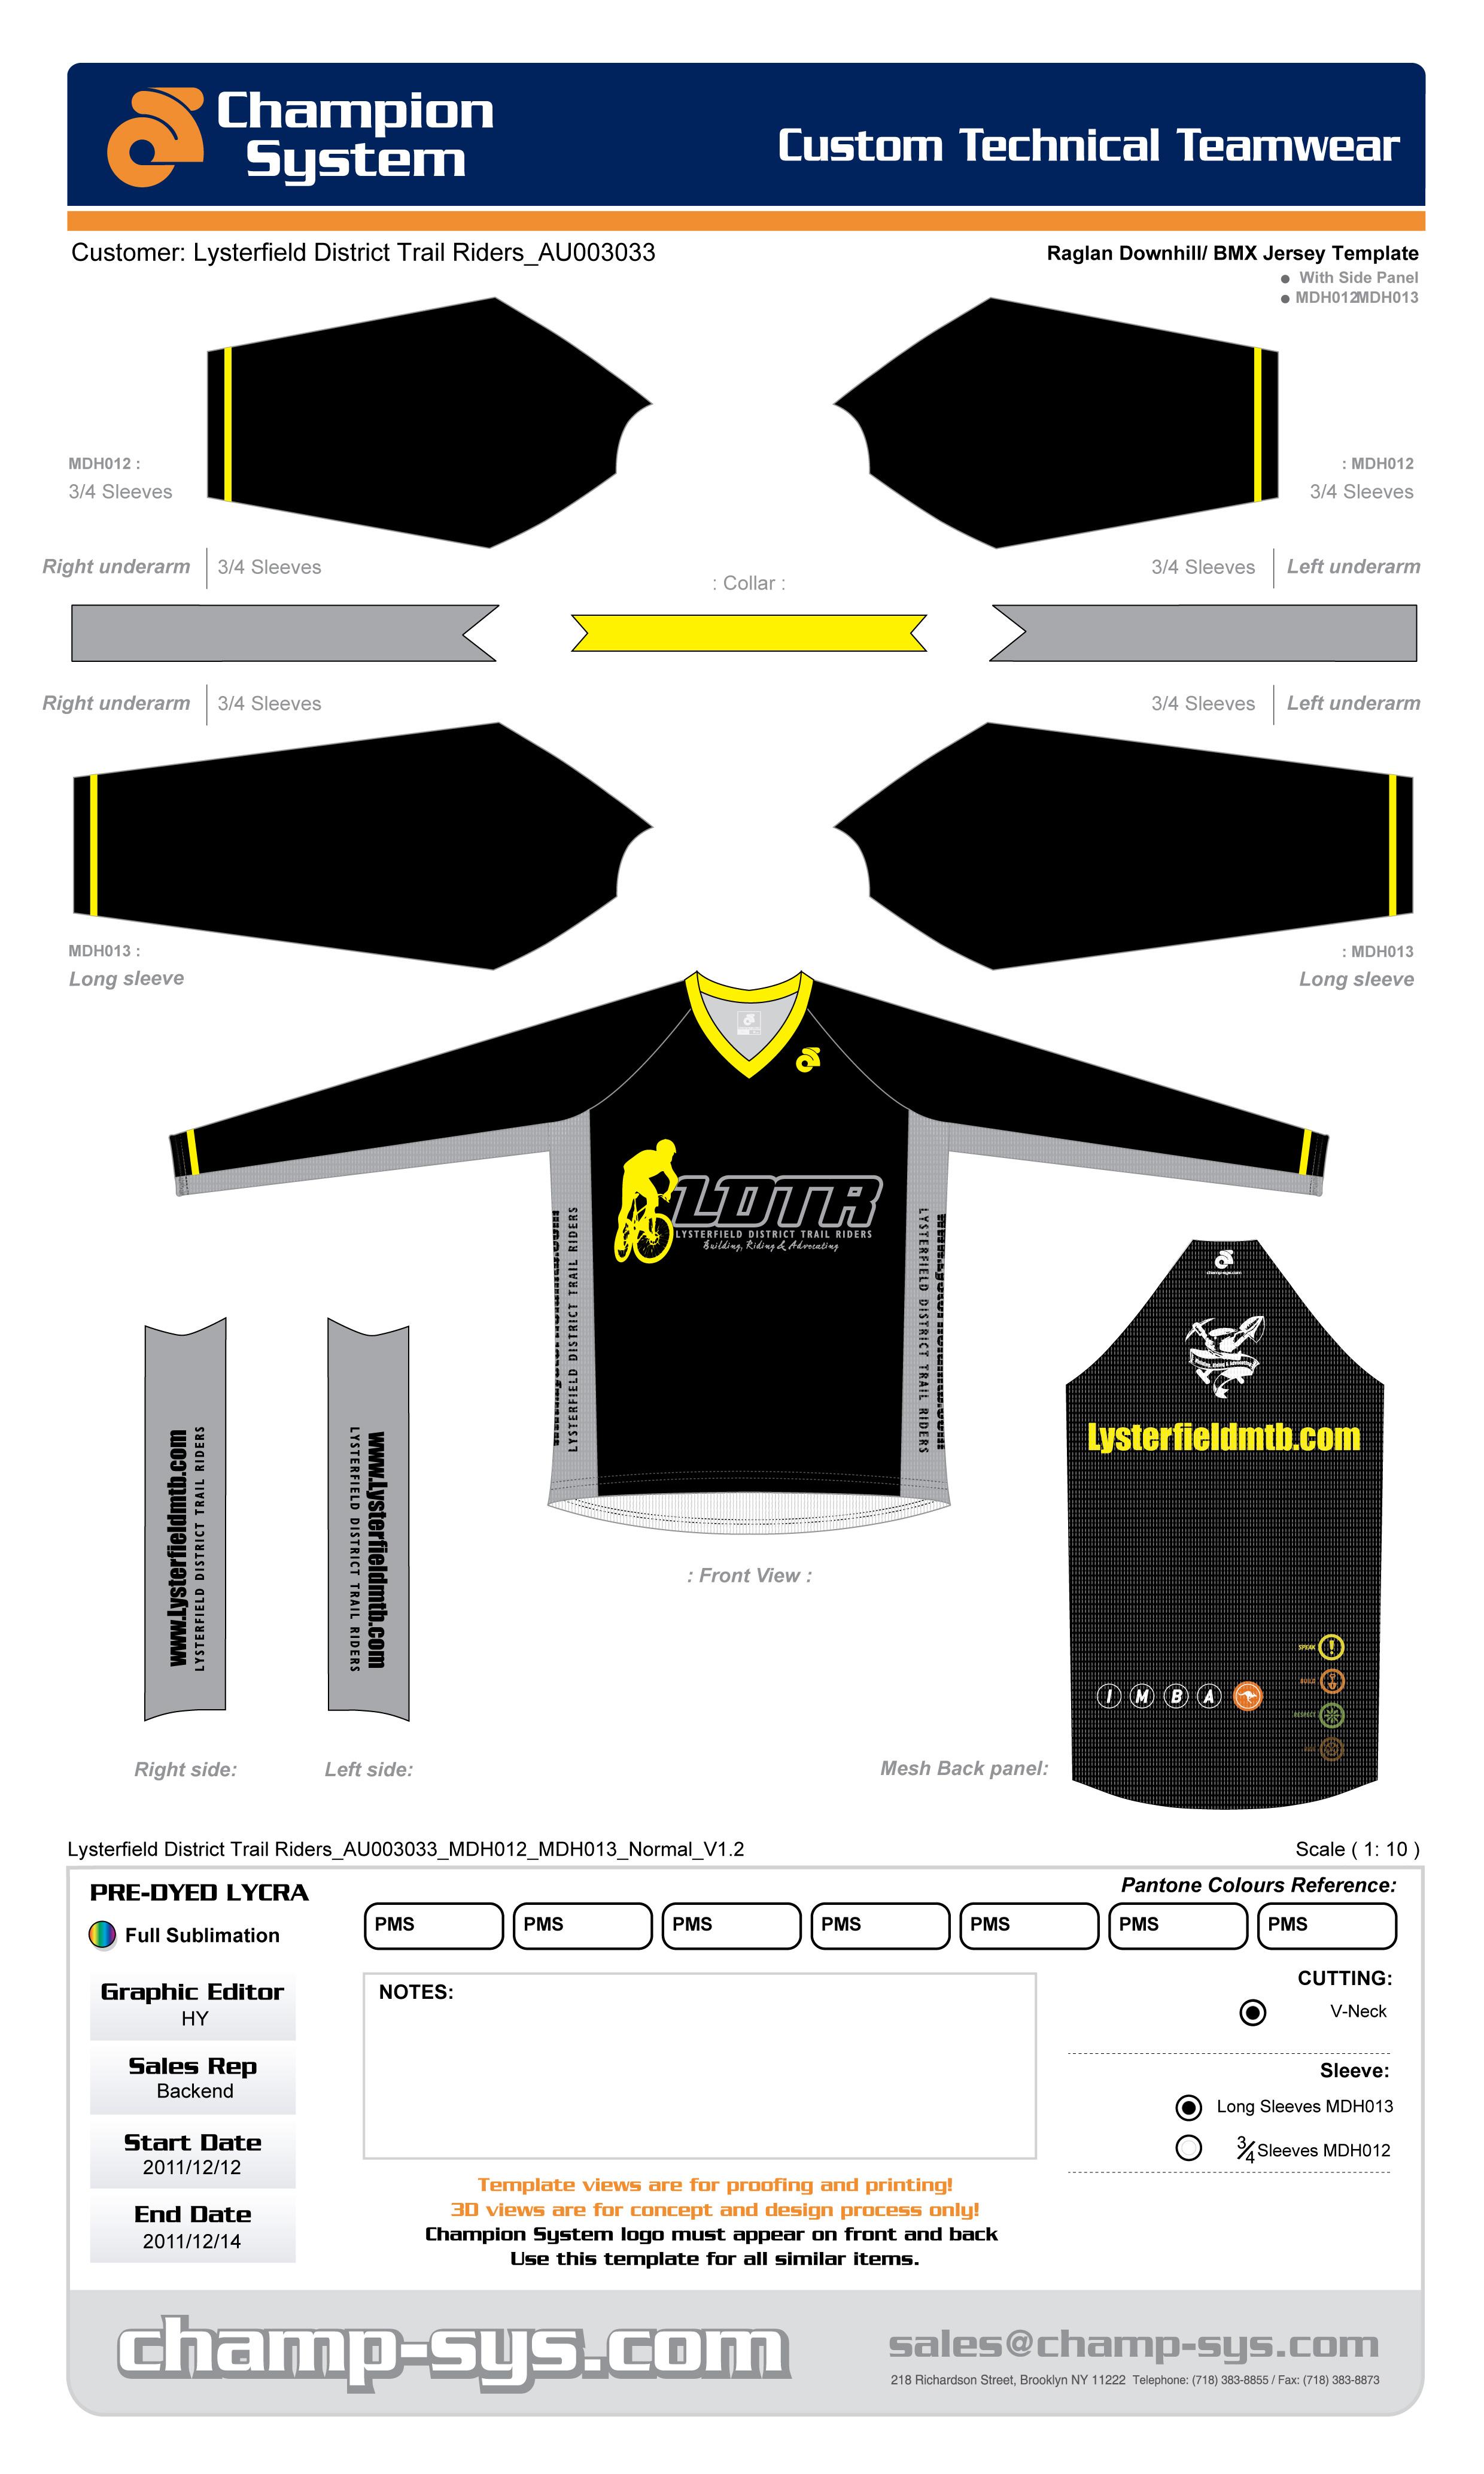 bmx jersey custom templates - Pairs and Spares